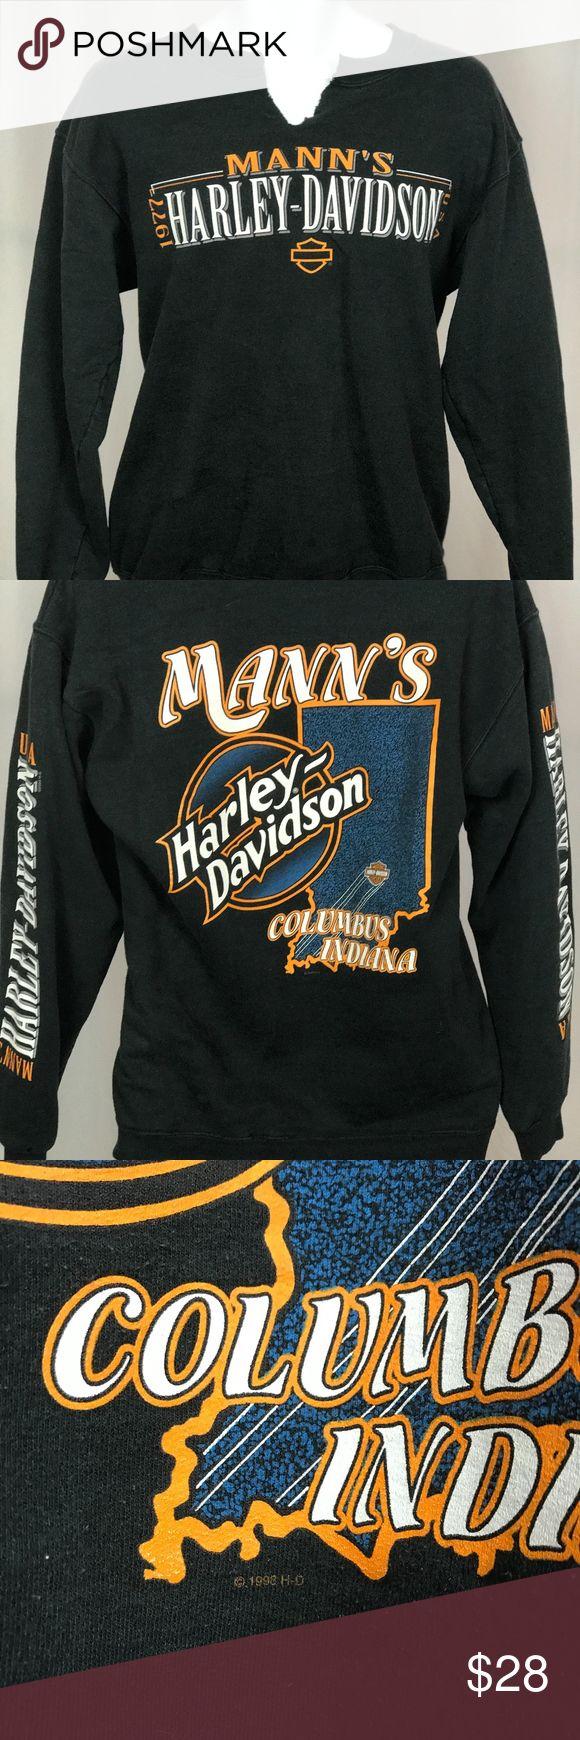 Best 25  Harley davidson sweatshirts ideas on Pinterest | Harley ...